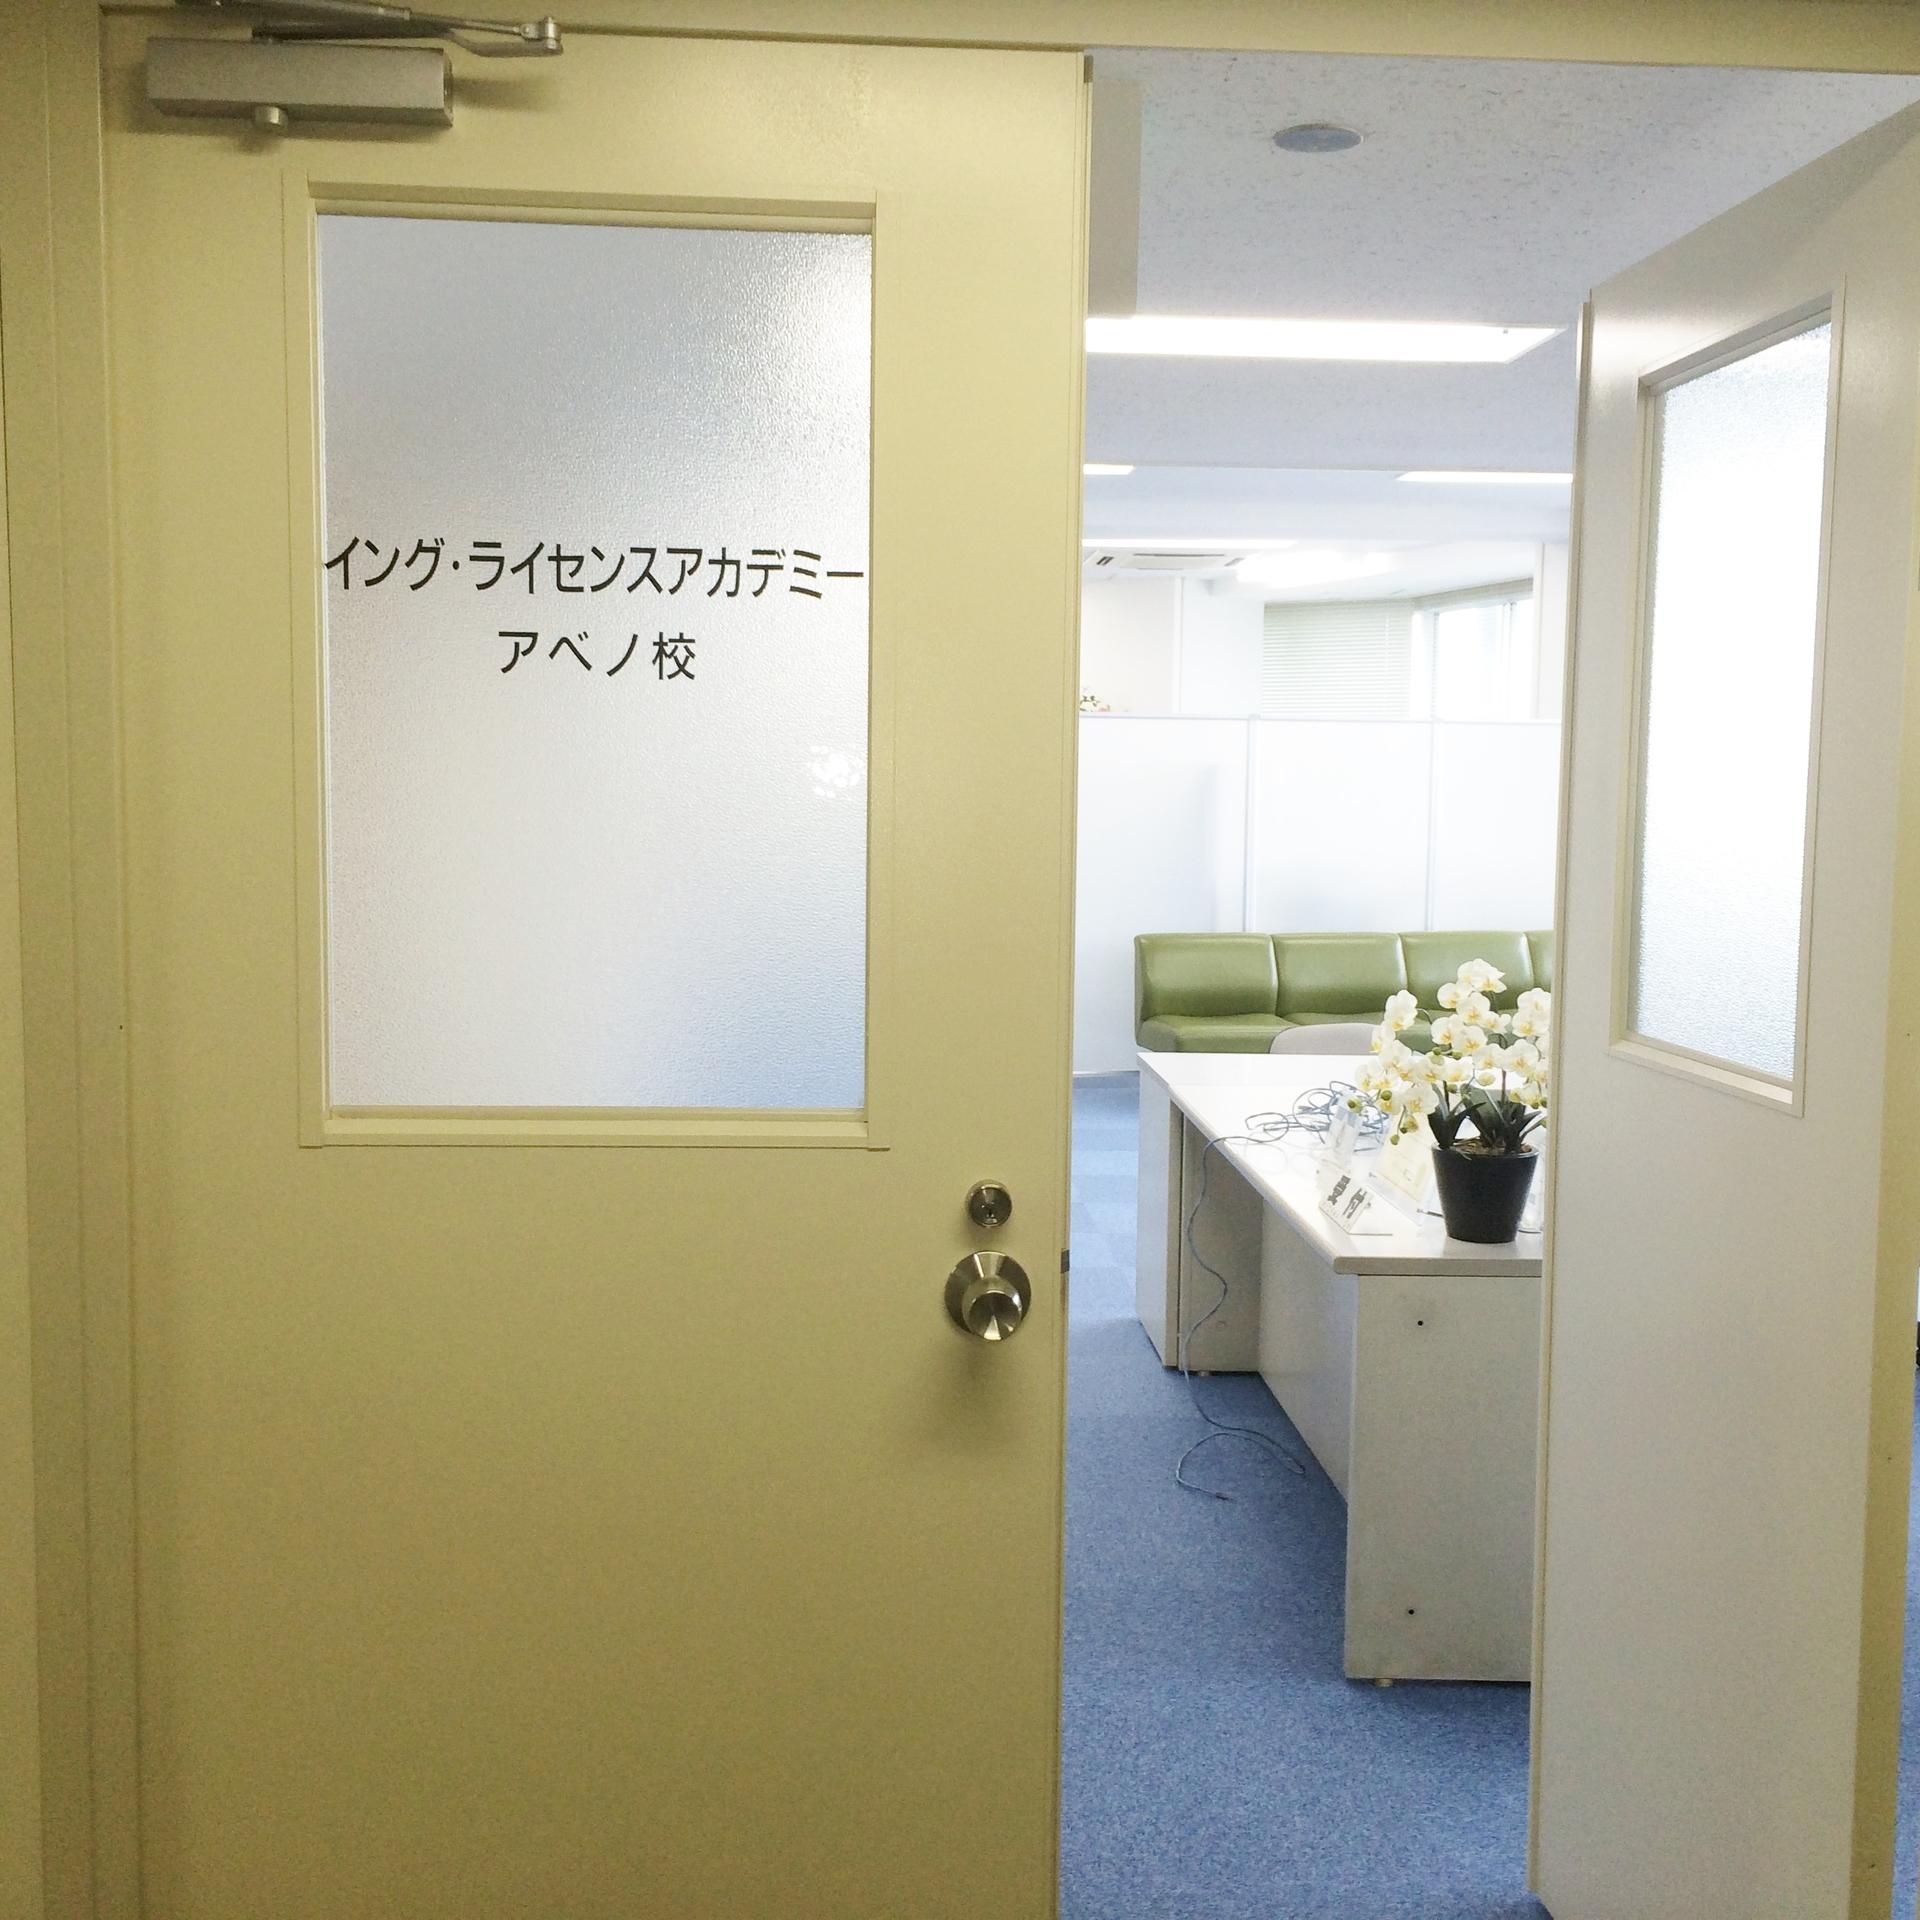 イング・ライセンスアカデミー